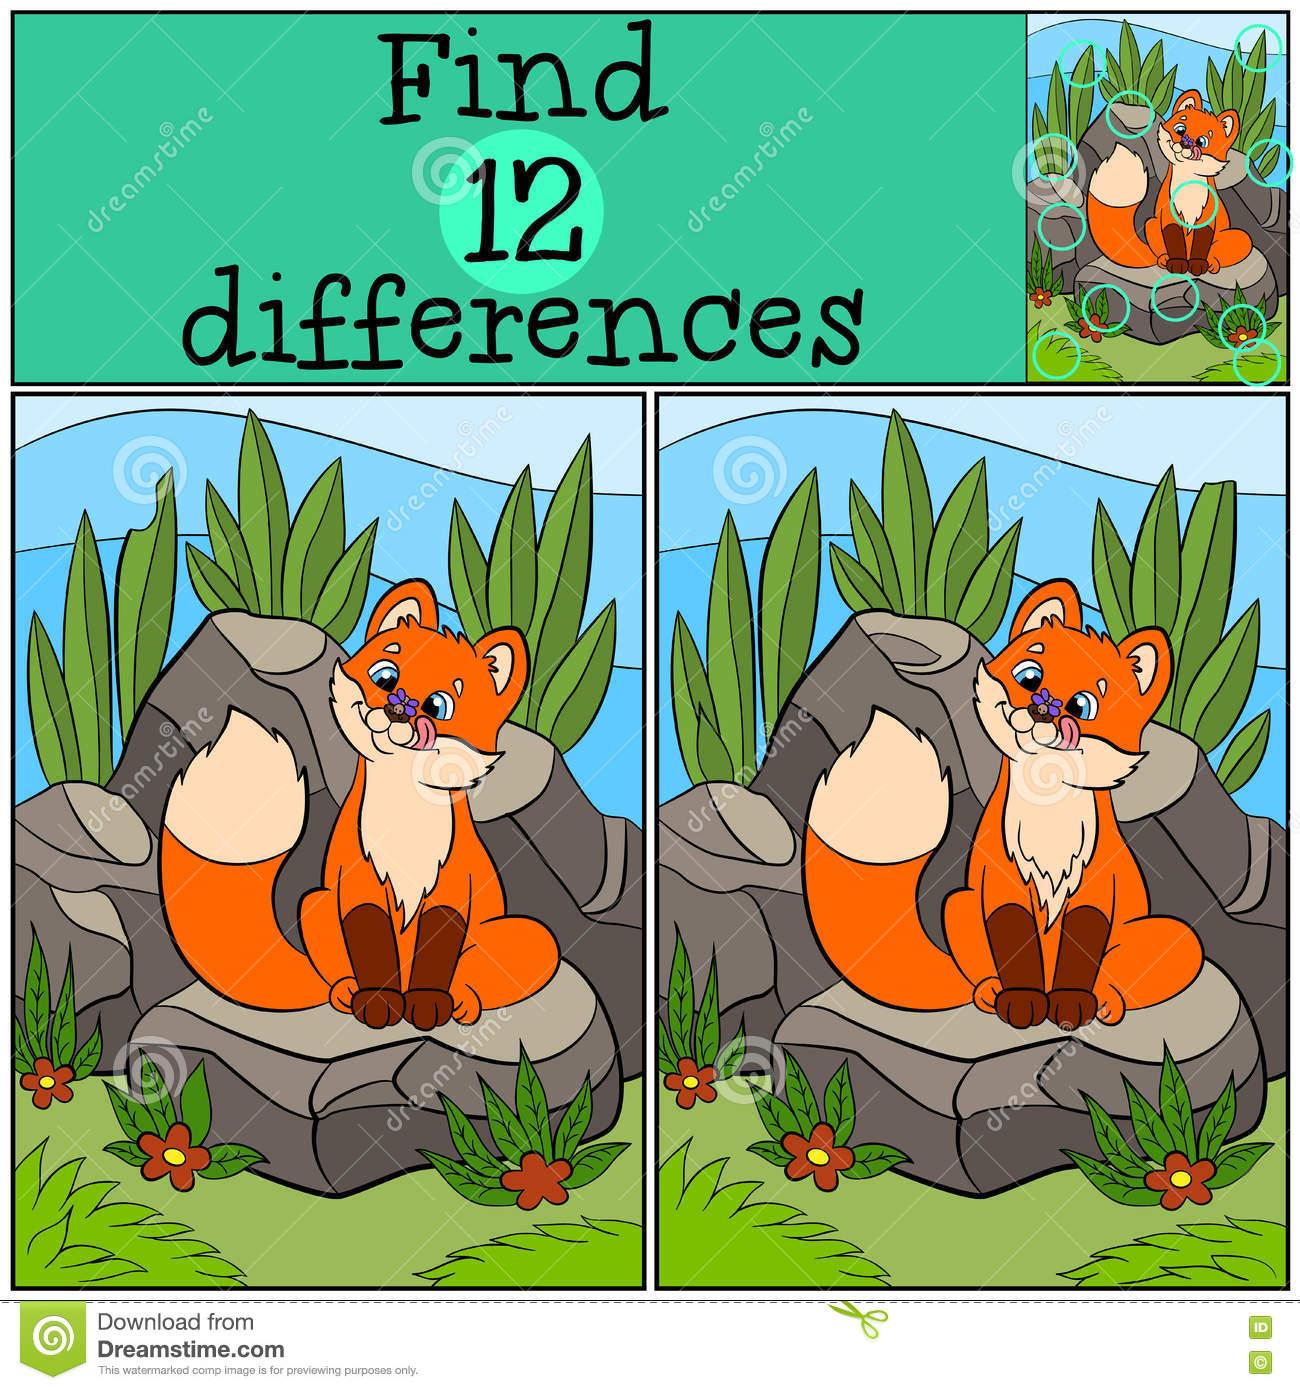 Jeux D'enfants : Différences De Découverte Le Petit Renard destiné Jeux De La Différence